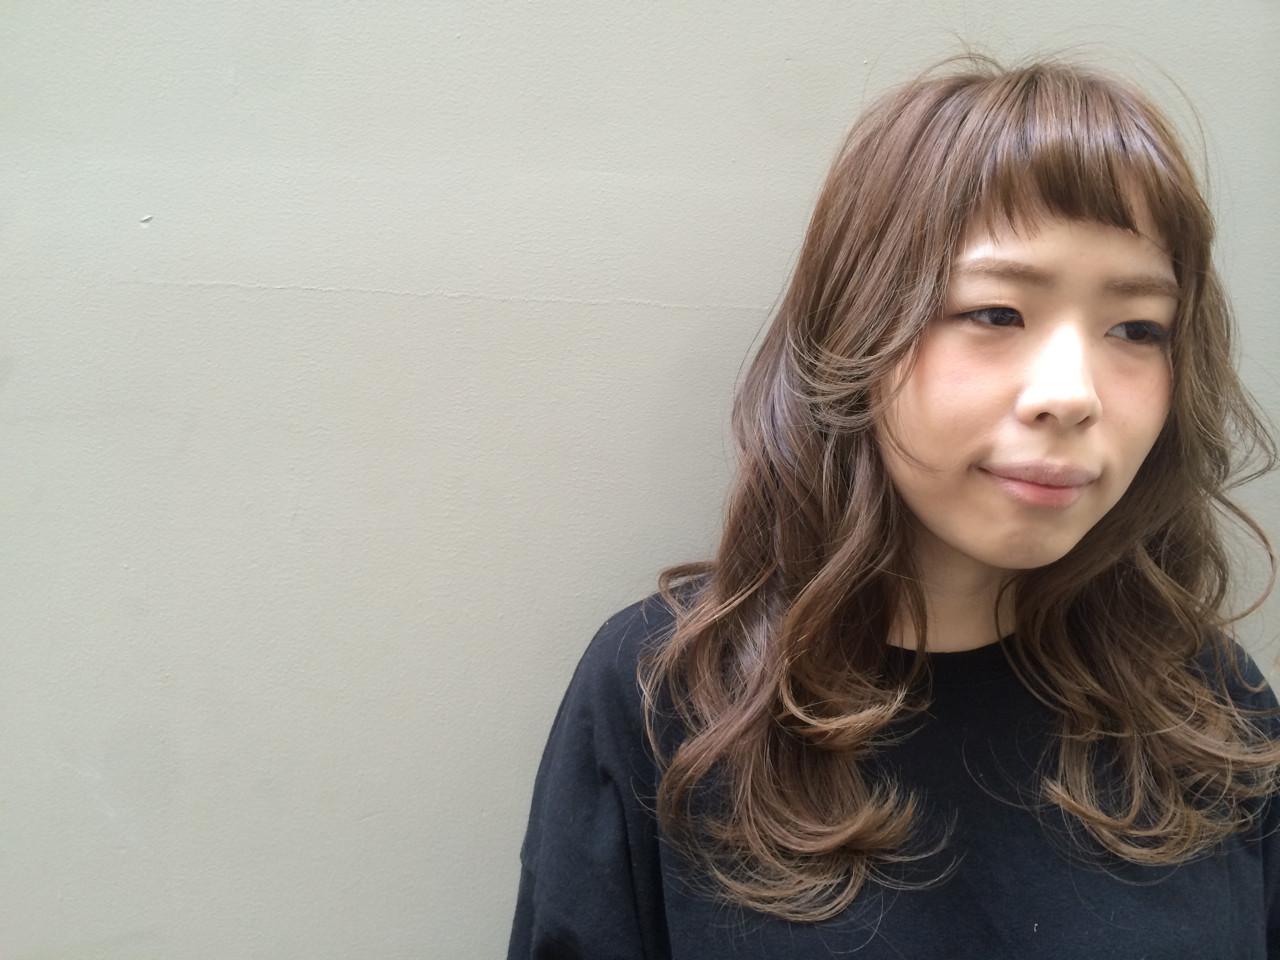 前髪パッツン ベージュ 前髪アレンジ オン眉ヘアスタイルや髪型の写真・画像